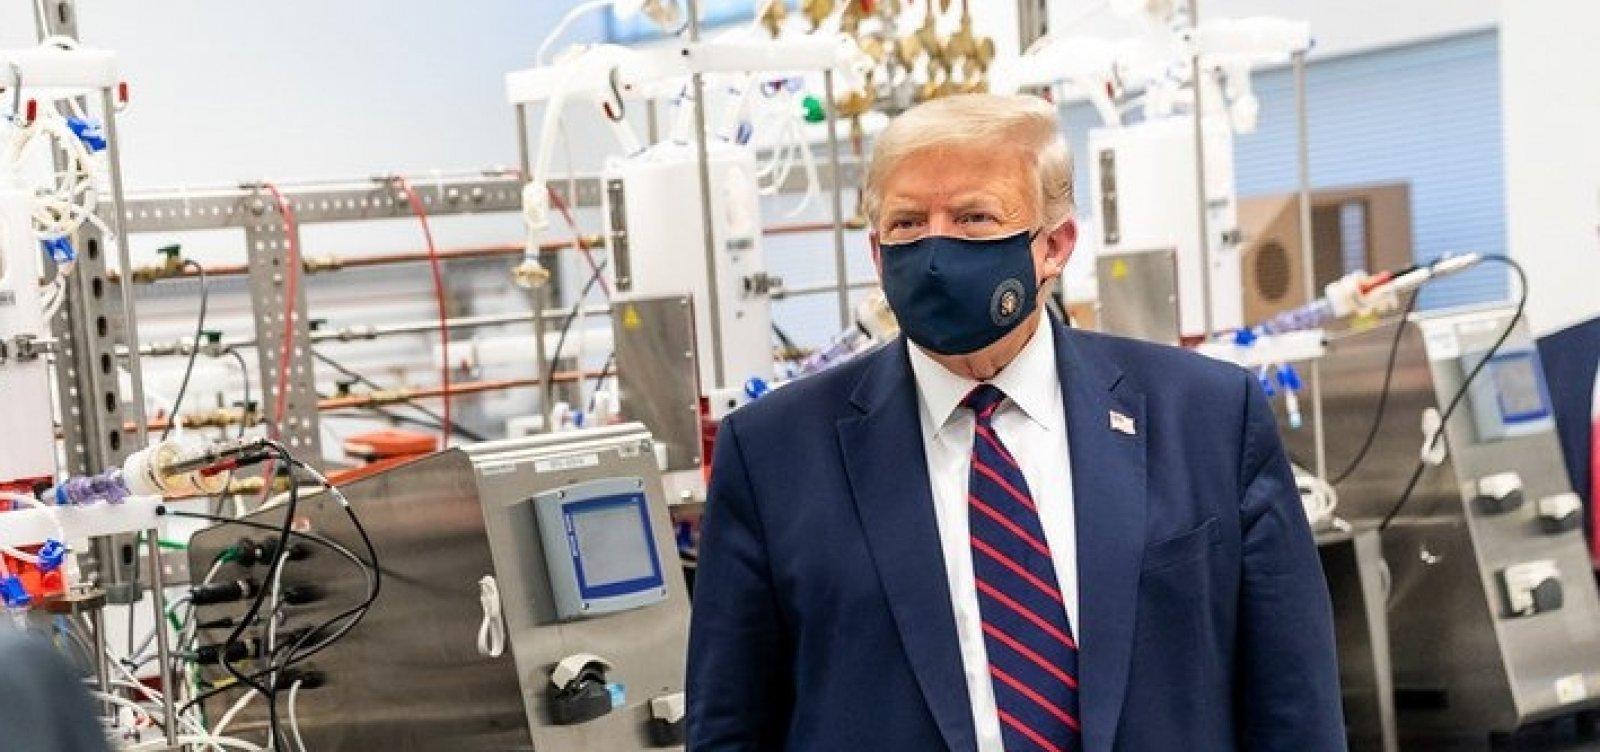 [Estados Unidos superam marca de 5 milhões de casos de coronavírus]